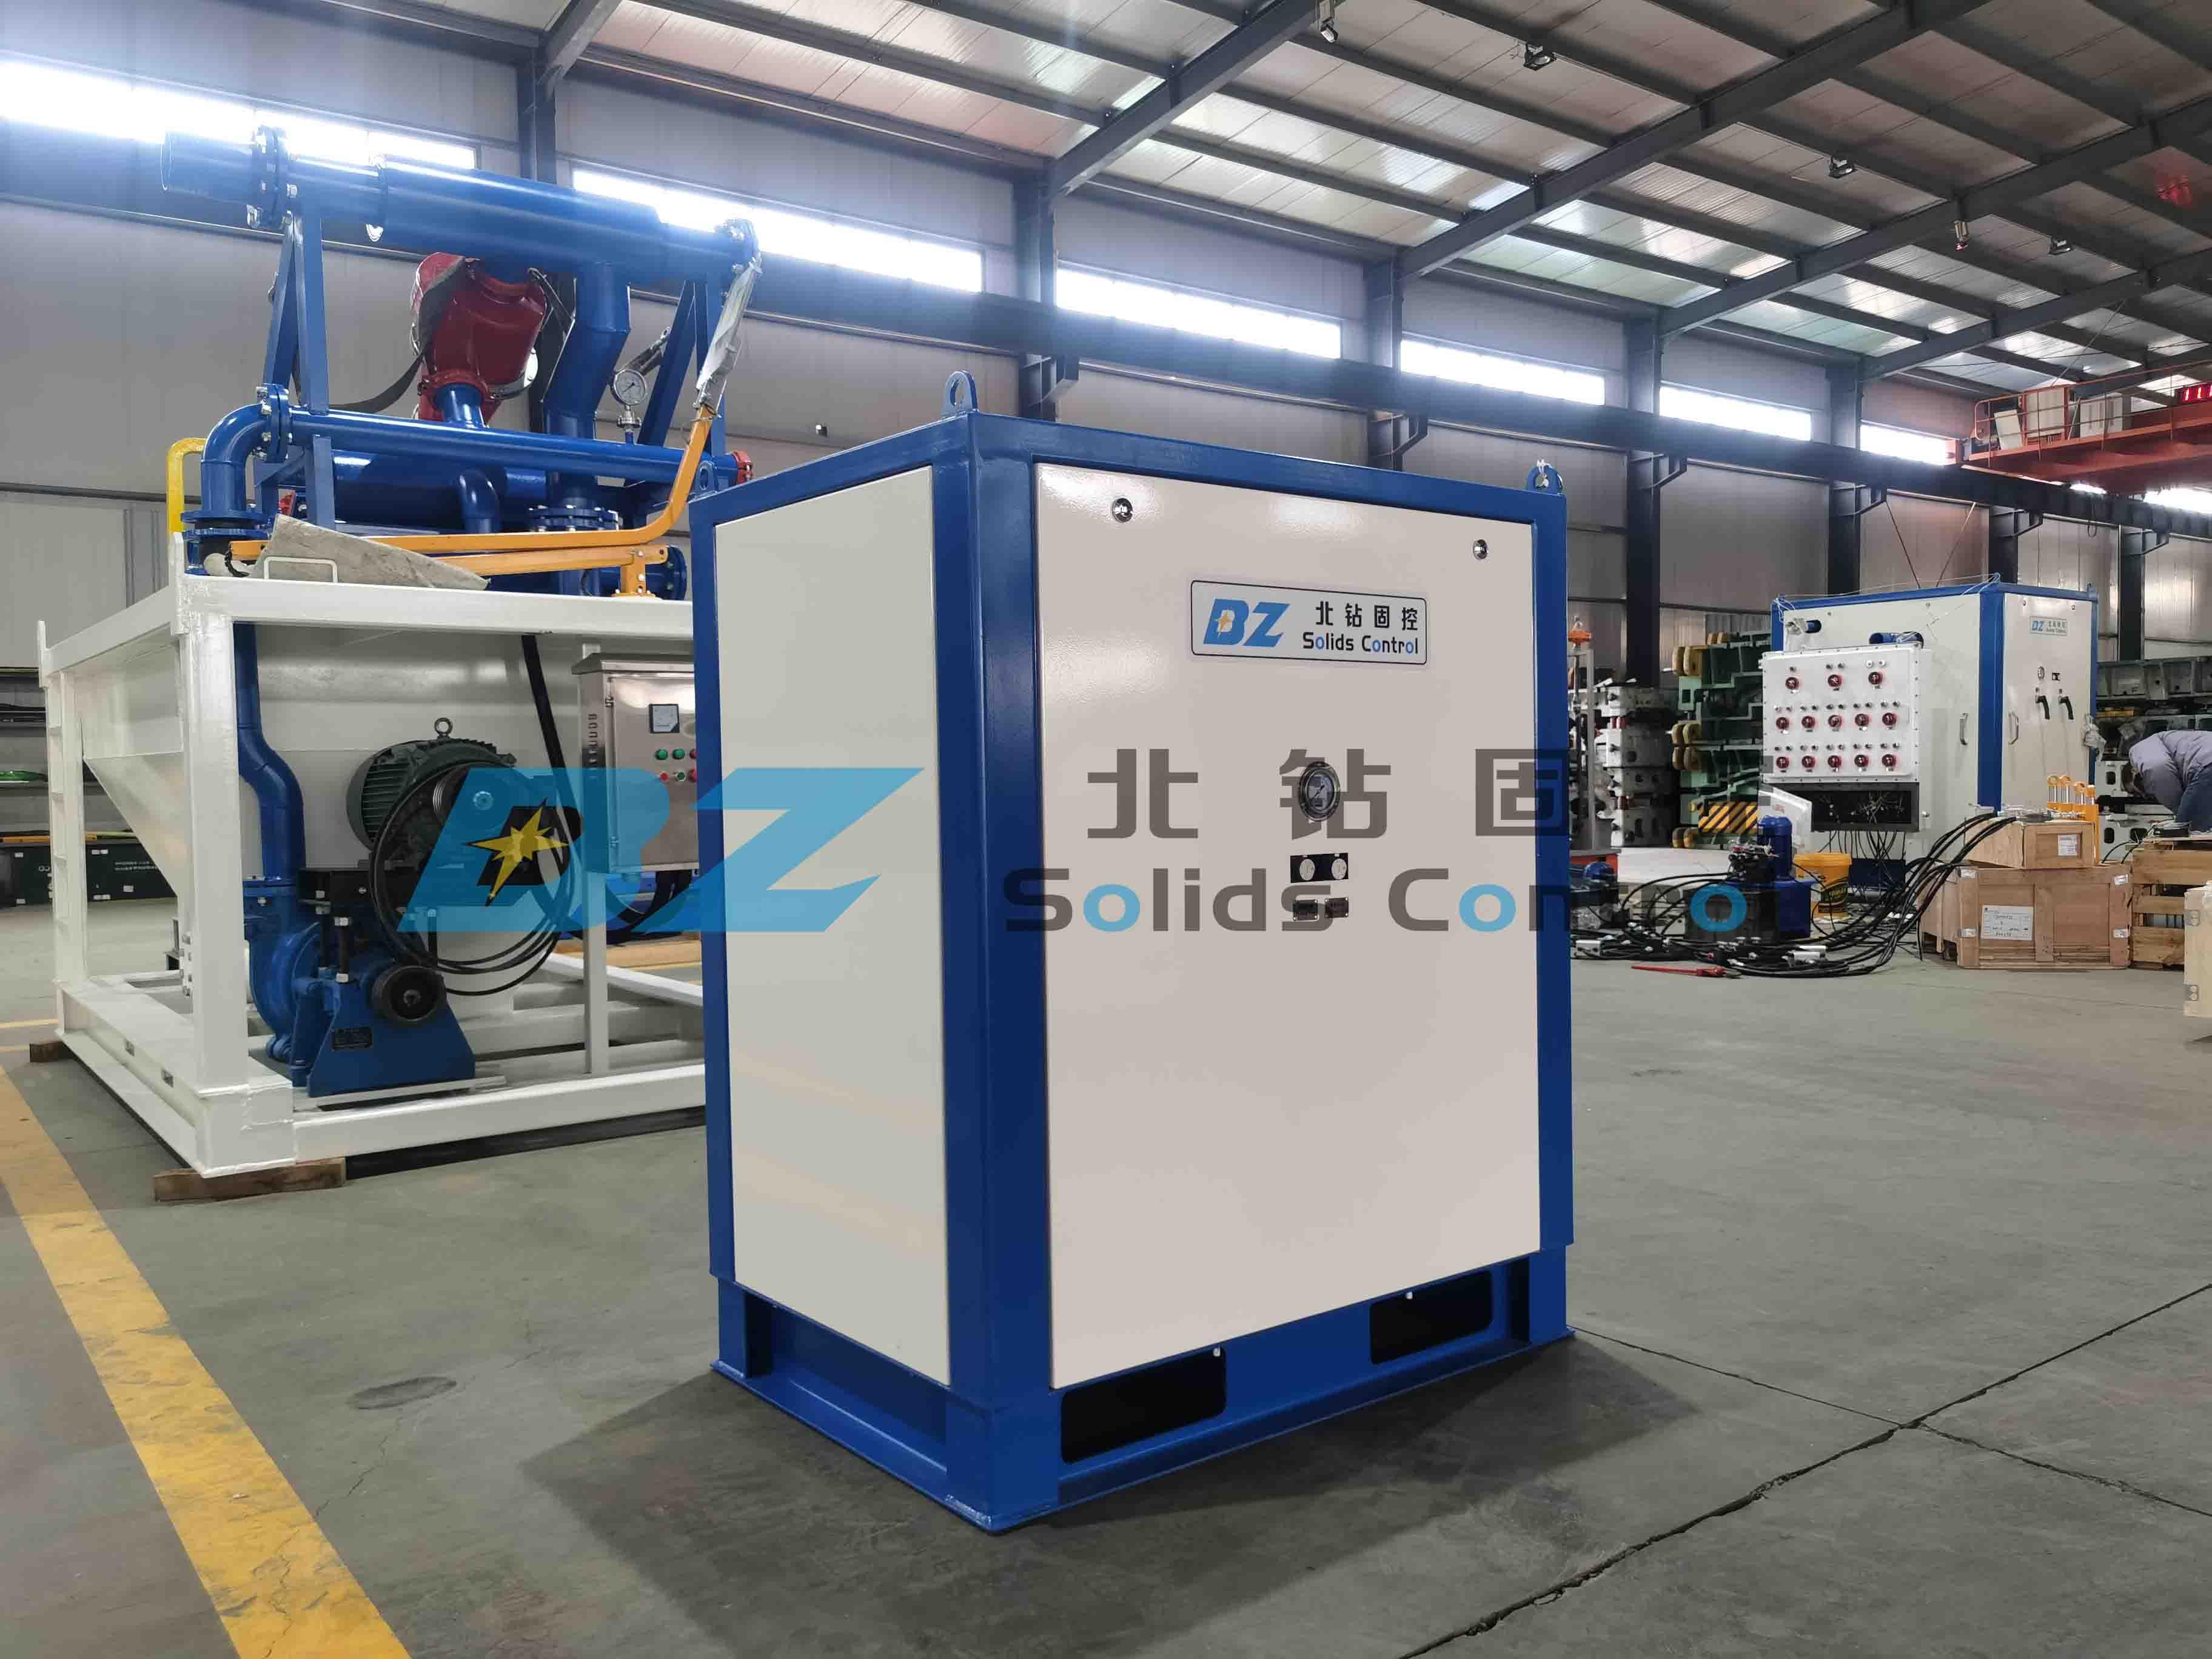 Вакуумный насос для транспортировки твердых частиц BZ Solid Control будет ввод в эксплуатацию на строительную площадку внутреннего проекта